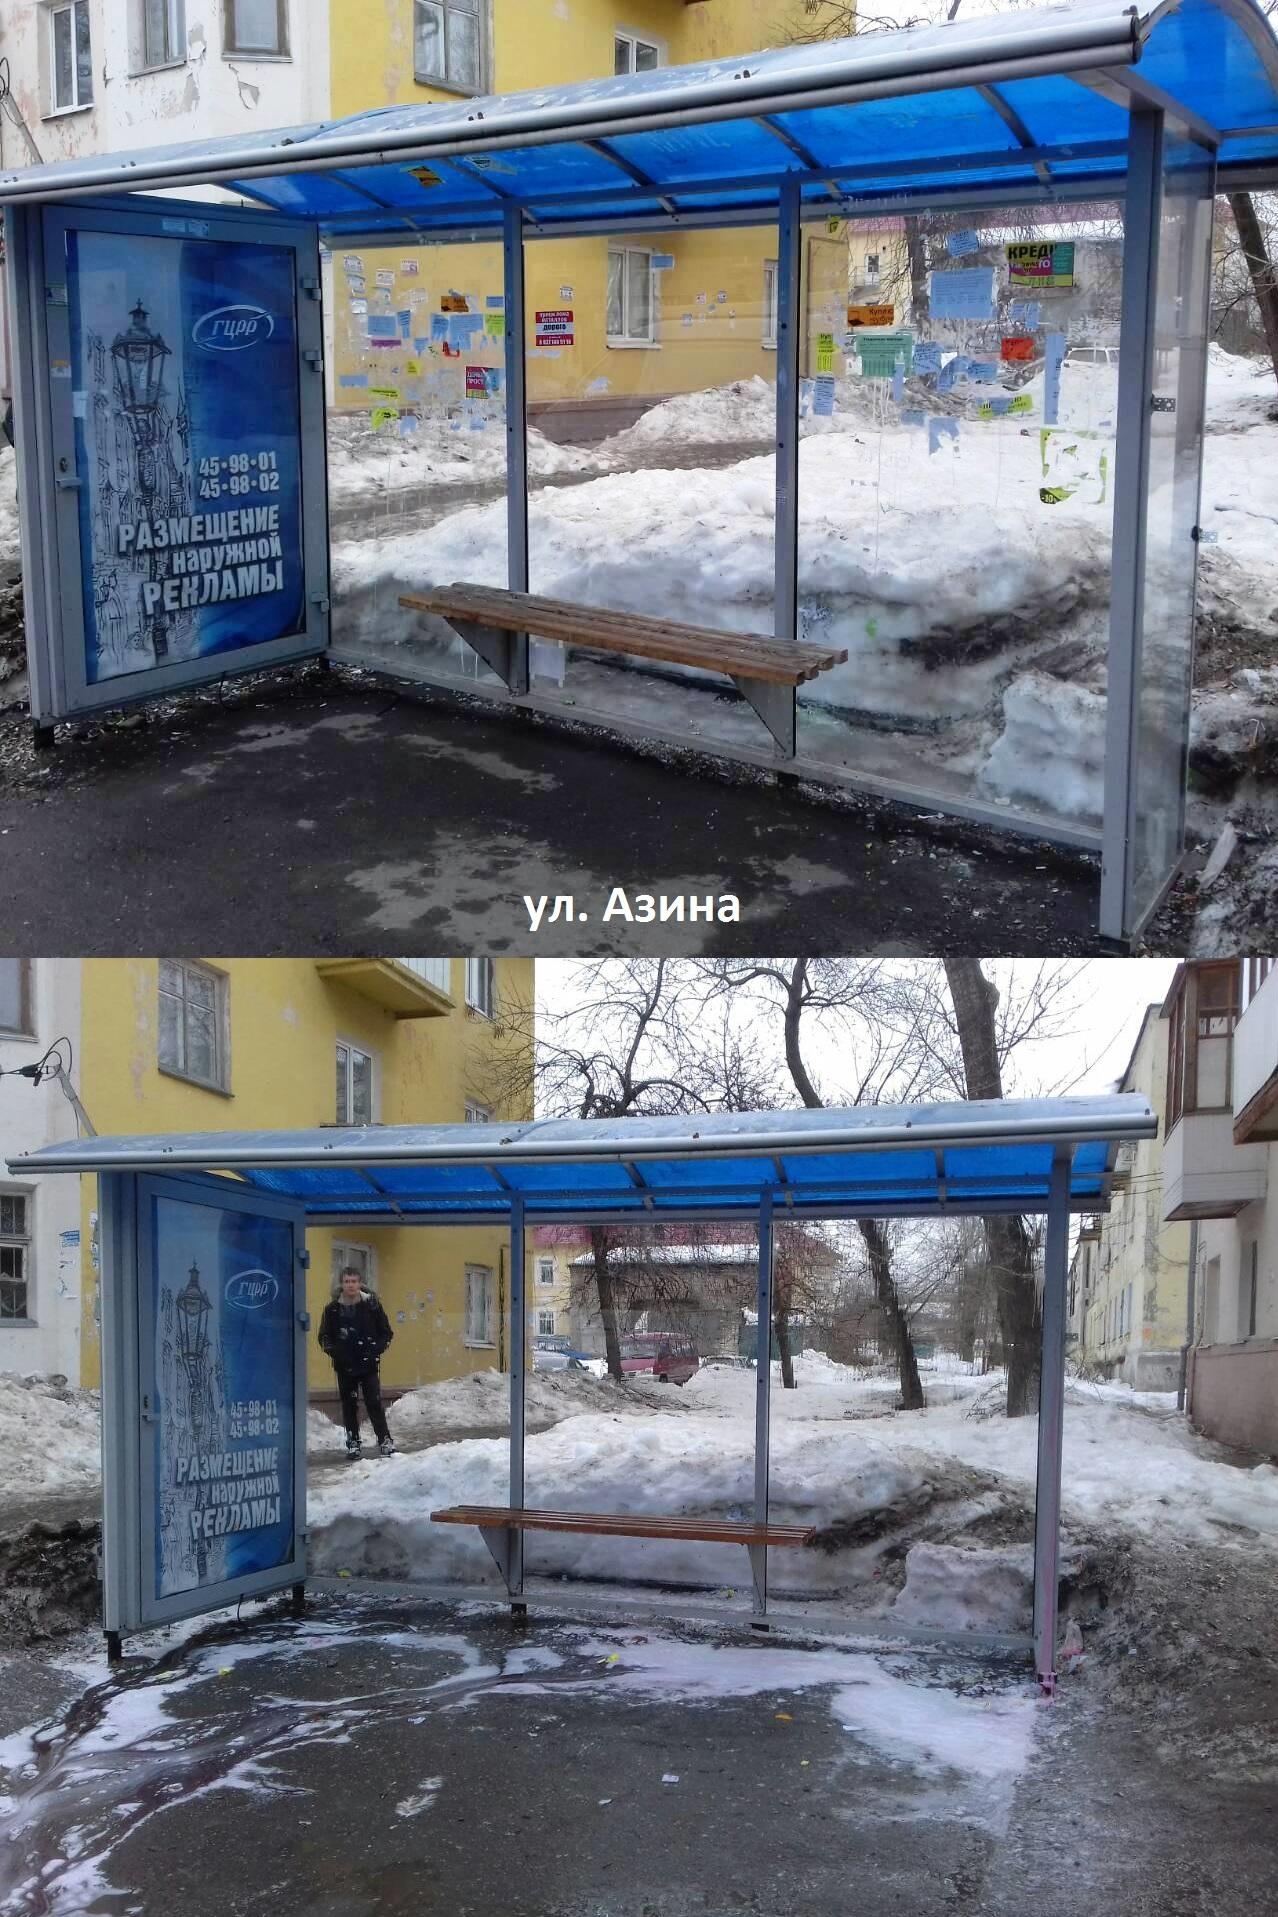 МУП «ГЦРР» продолжает работу по очистке остановочных павильонов